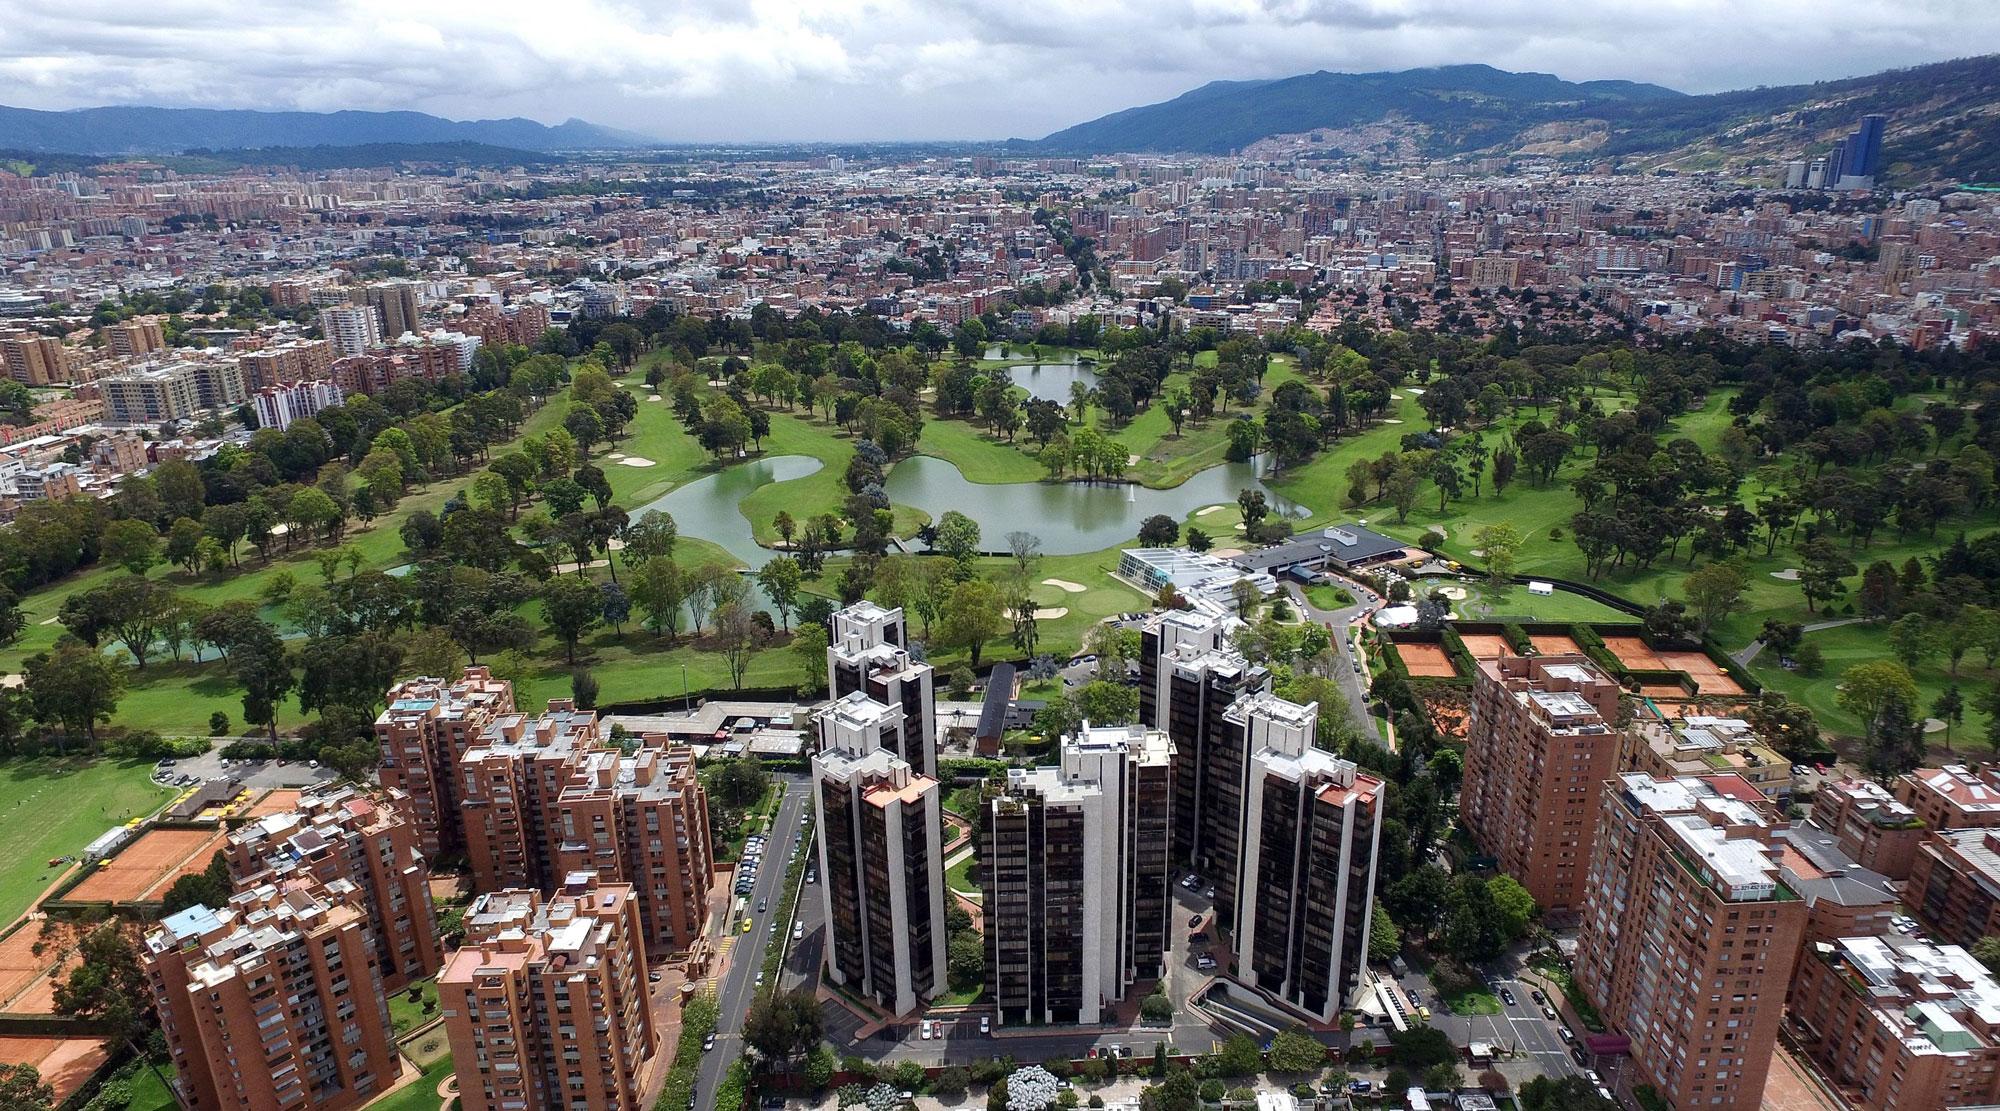 Ciudad Salitre Bogotá